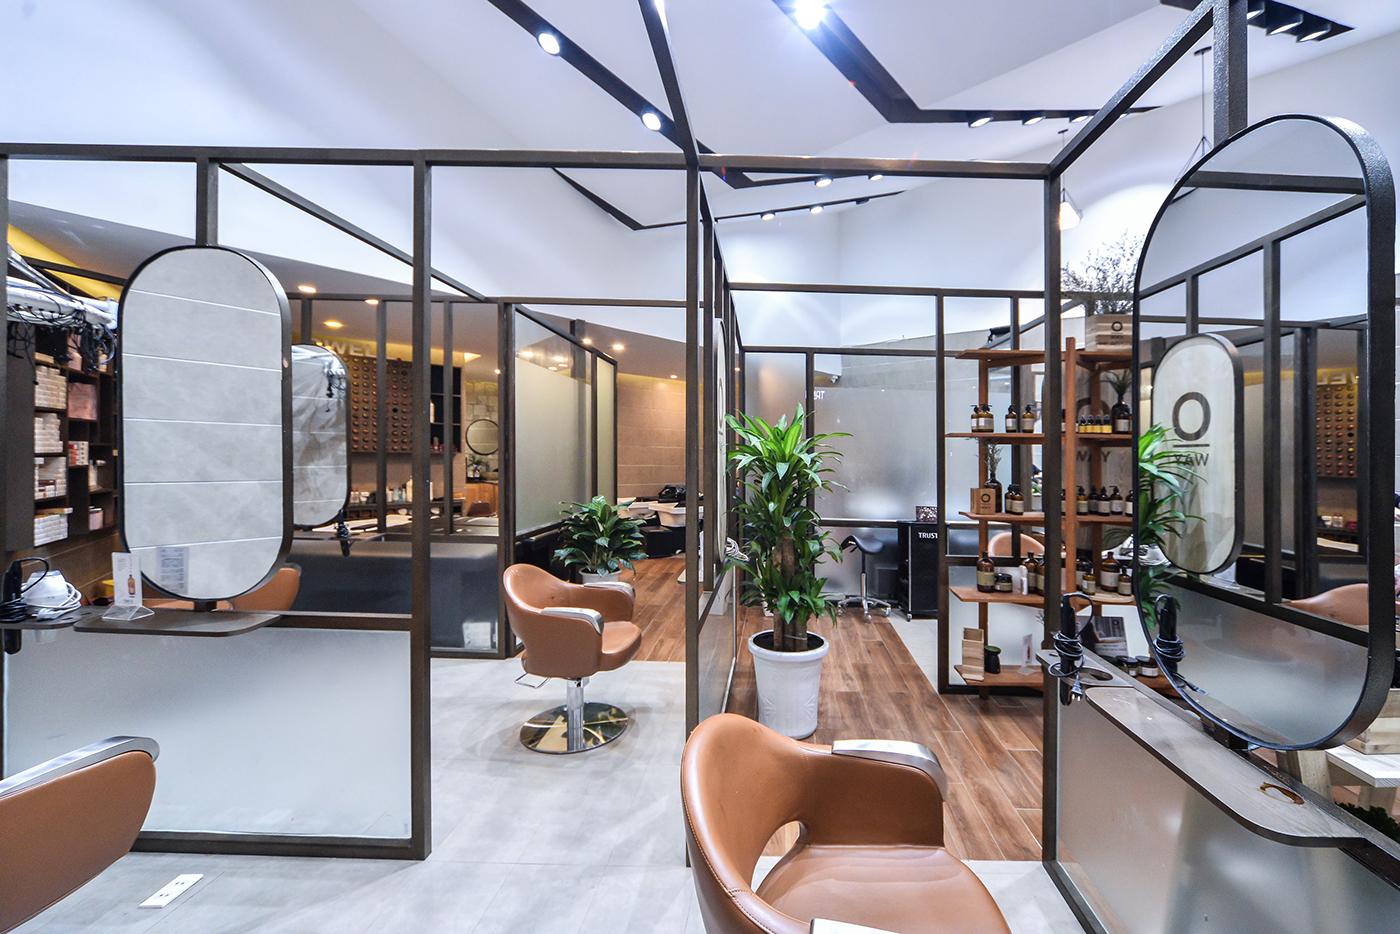 thiết kế nội thất Spa tại Nghệ An Thiết kế Tan's Hair Salon 9 1537501429